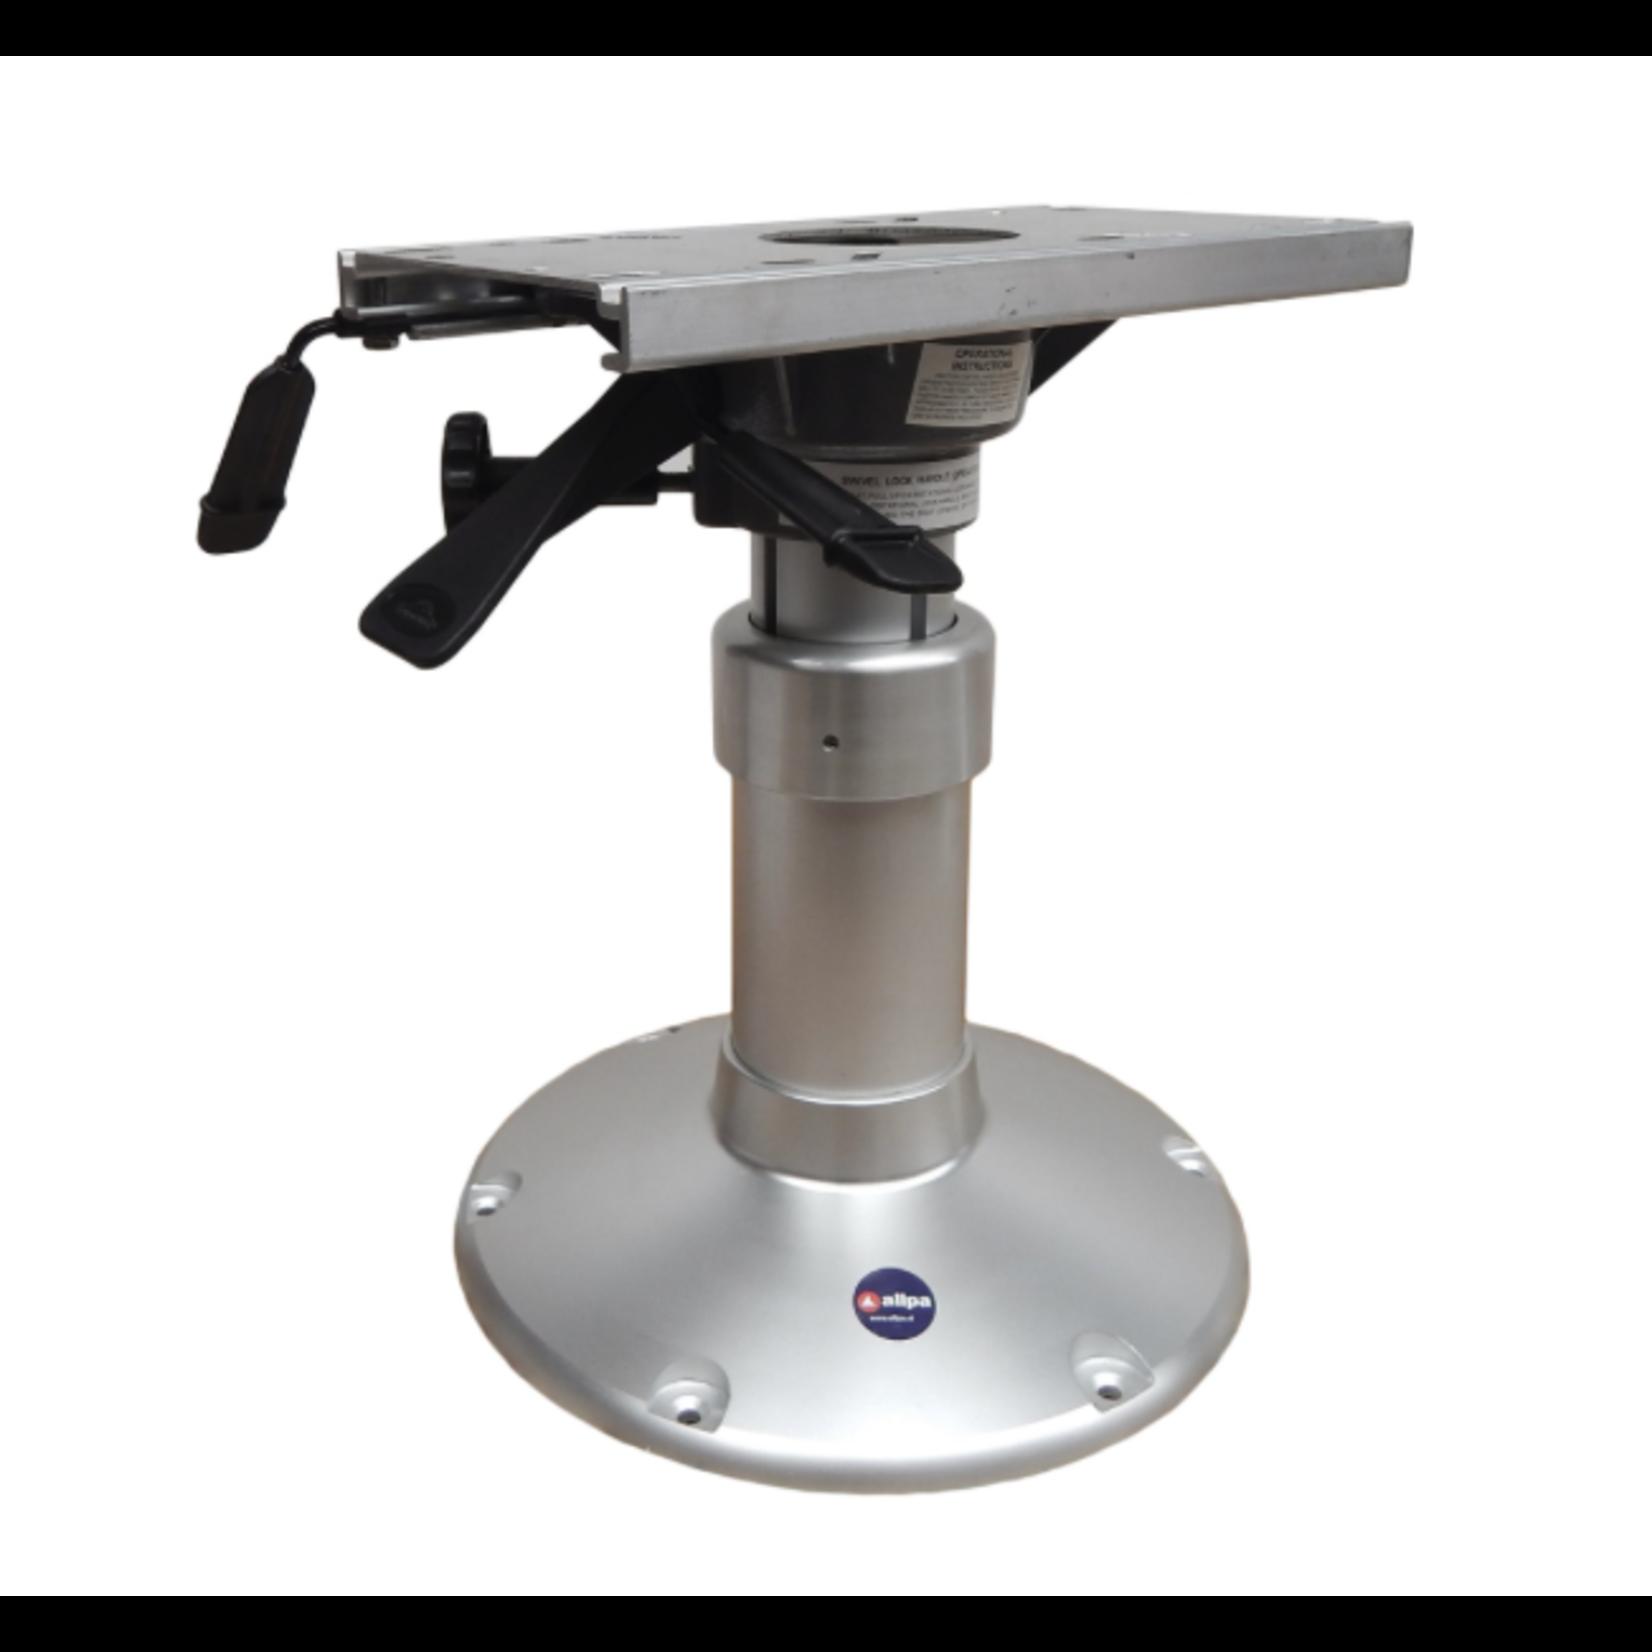 Allpa Mainstay Pedestal - Adjustable